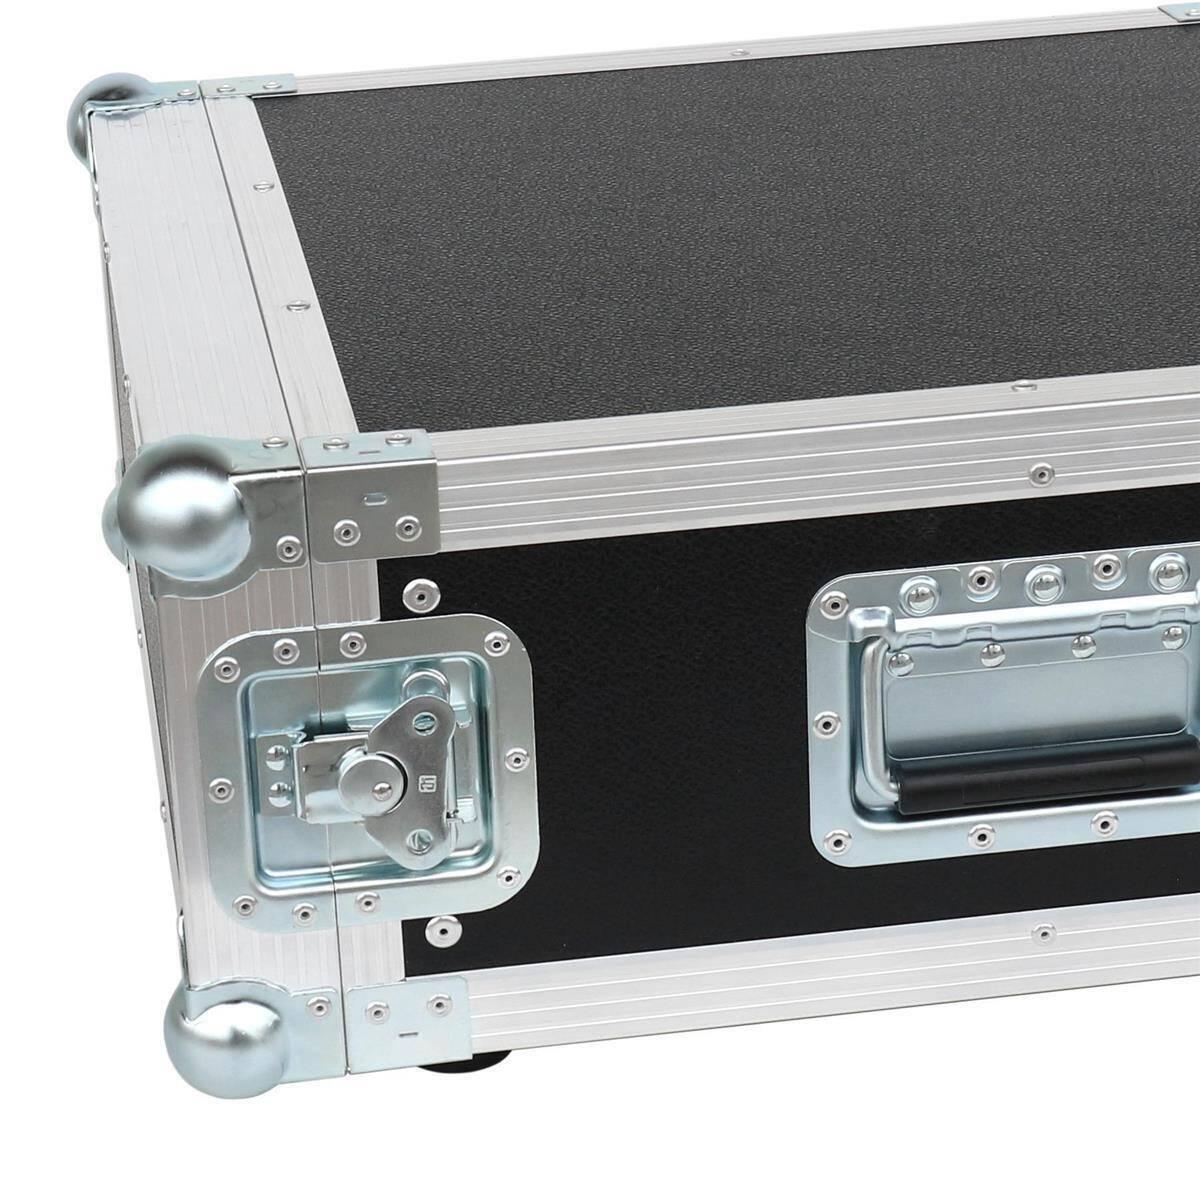 4 he amp rack 19 double door 45 cm flightcase 7 mm mpx. Black Bedroom Furniture Sets. Home Design Ideas